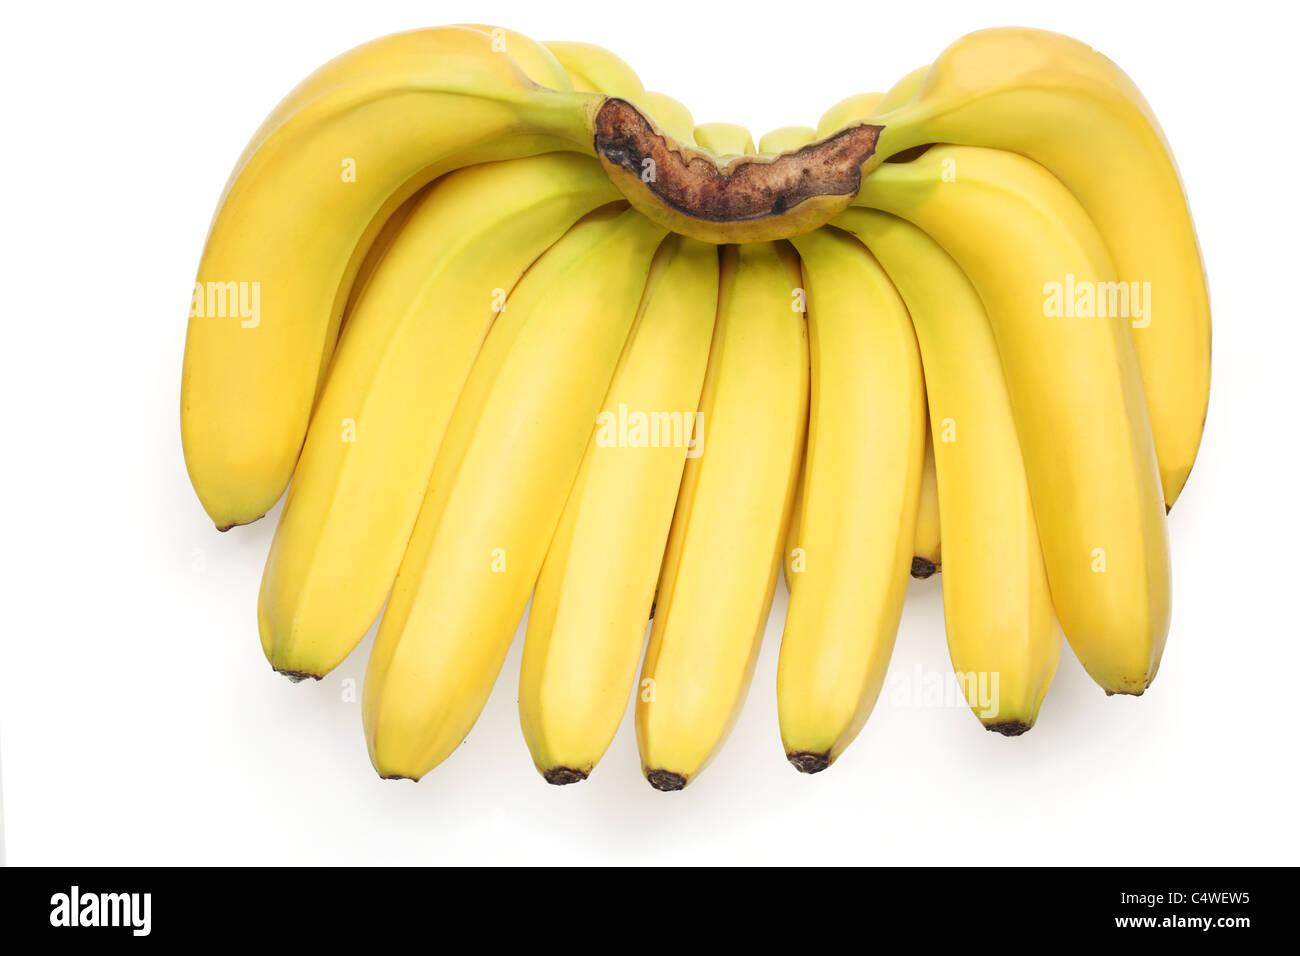 Bananen, die isoliert auf weißem Hintergrund Stockbild